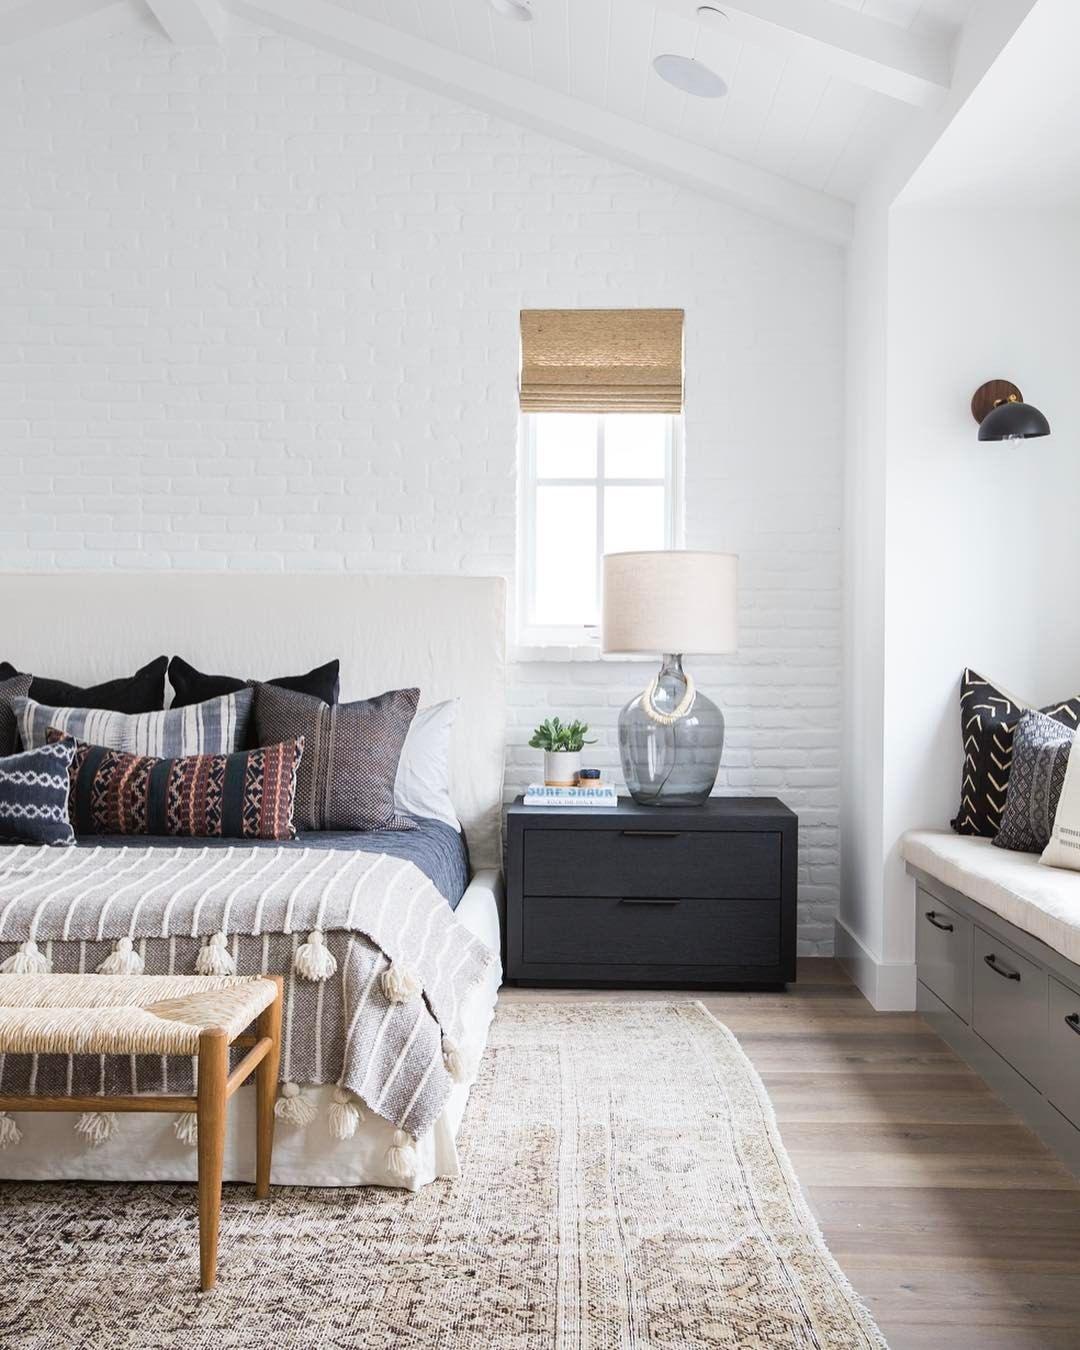 Pin van jillian op room goals | Pinterest - Slaapkamer, Quartos en ...